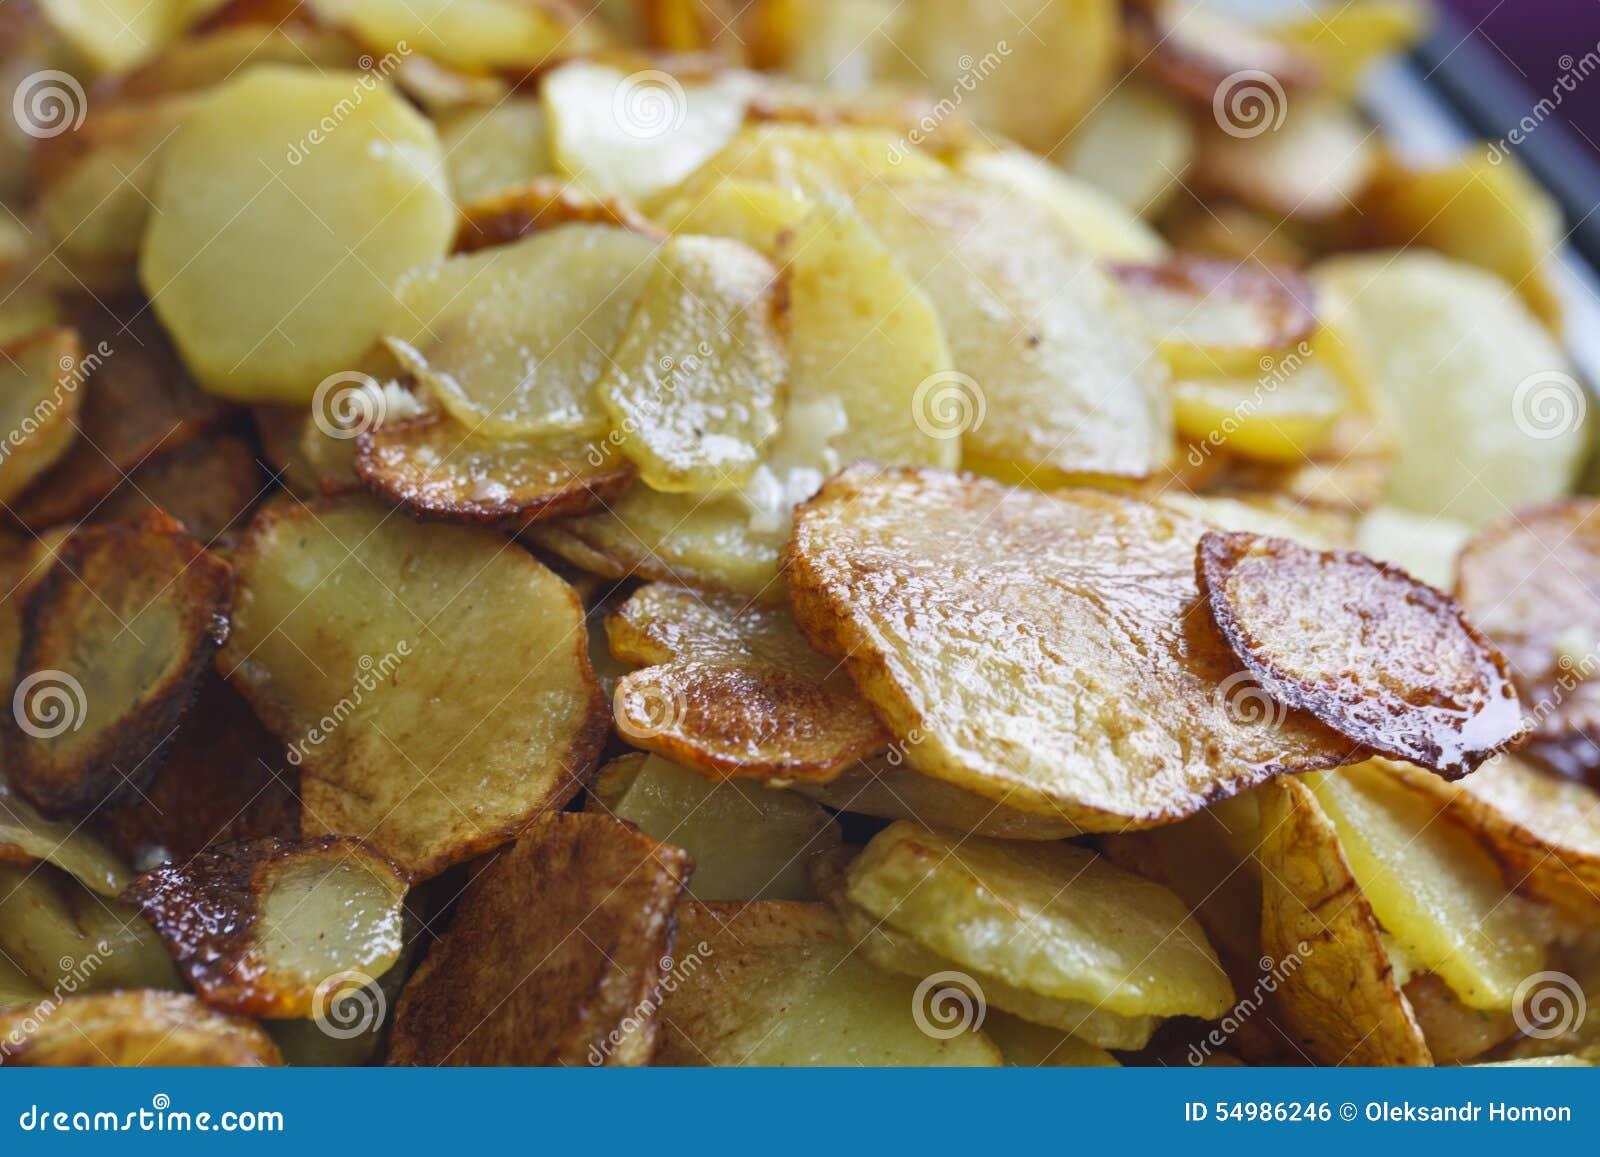 Sappige gebraden aardappels